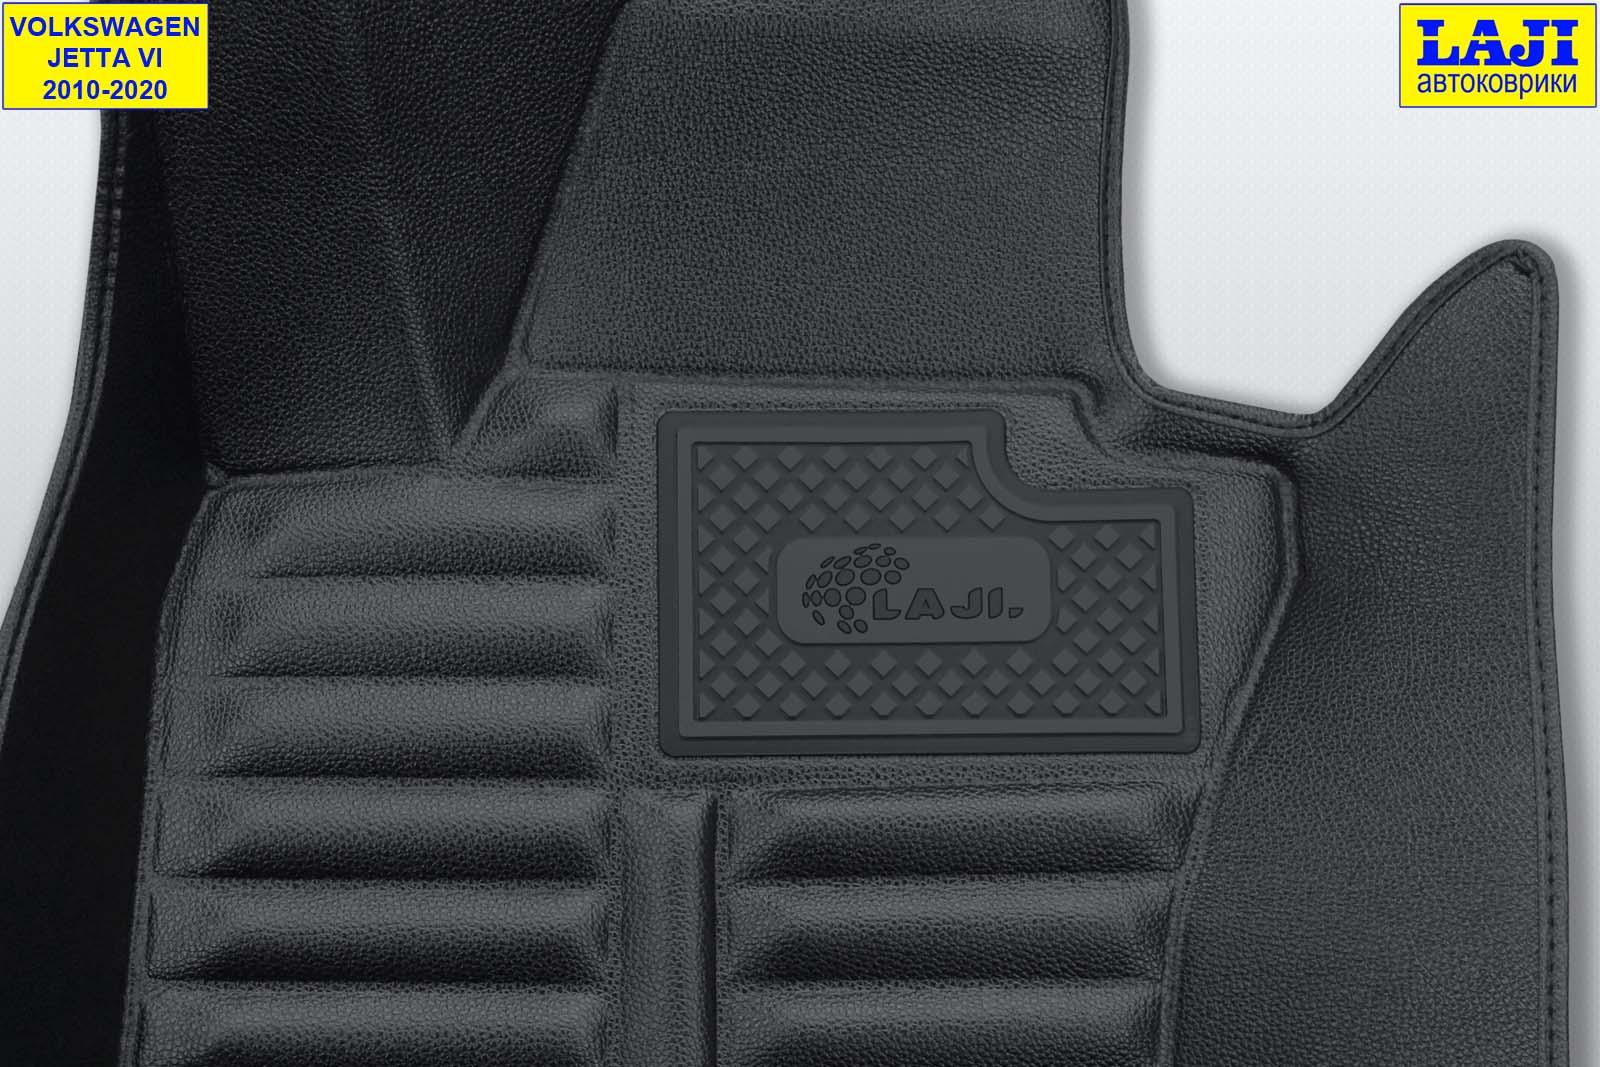 5D коврики в салон Volkswagen Jetta 6 2010-2020 7